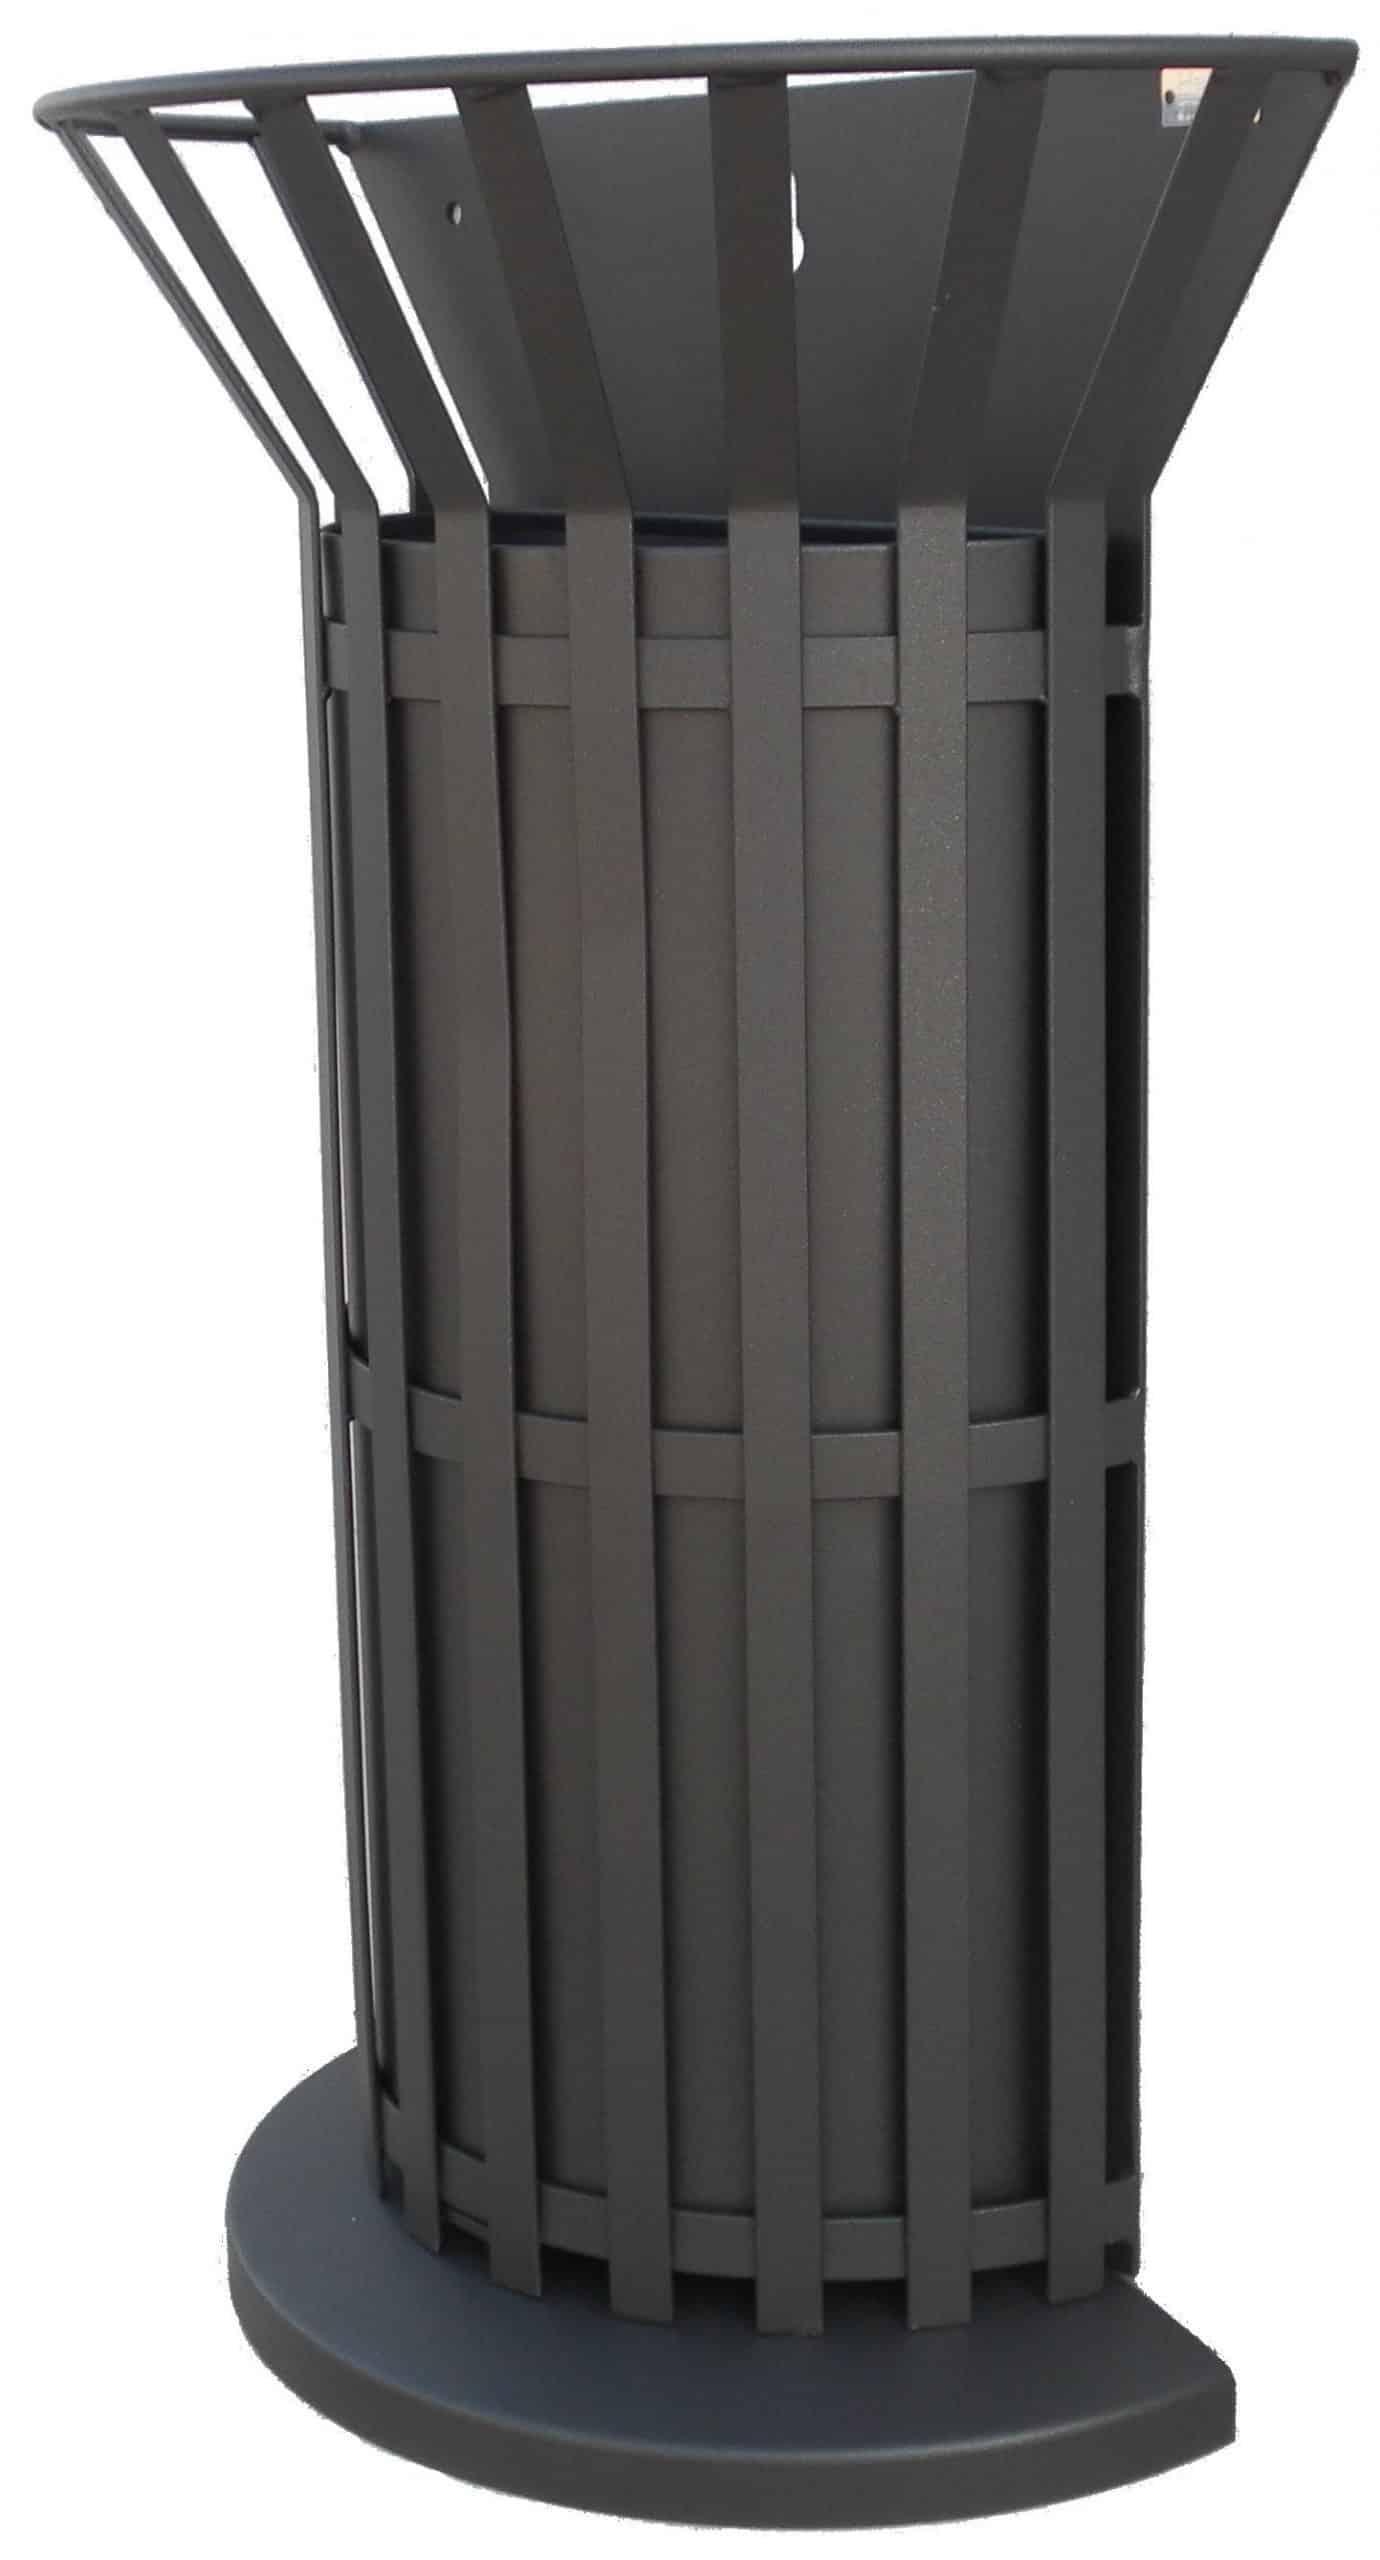 Mülleimer Corona Produktbild (2)